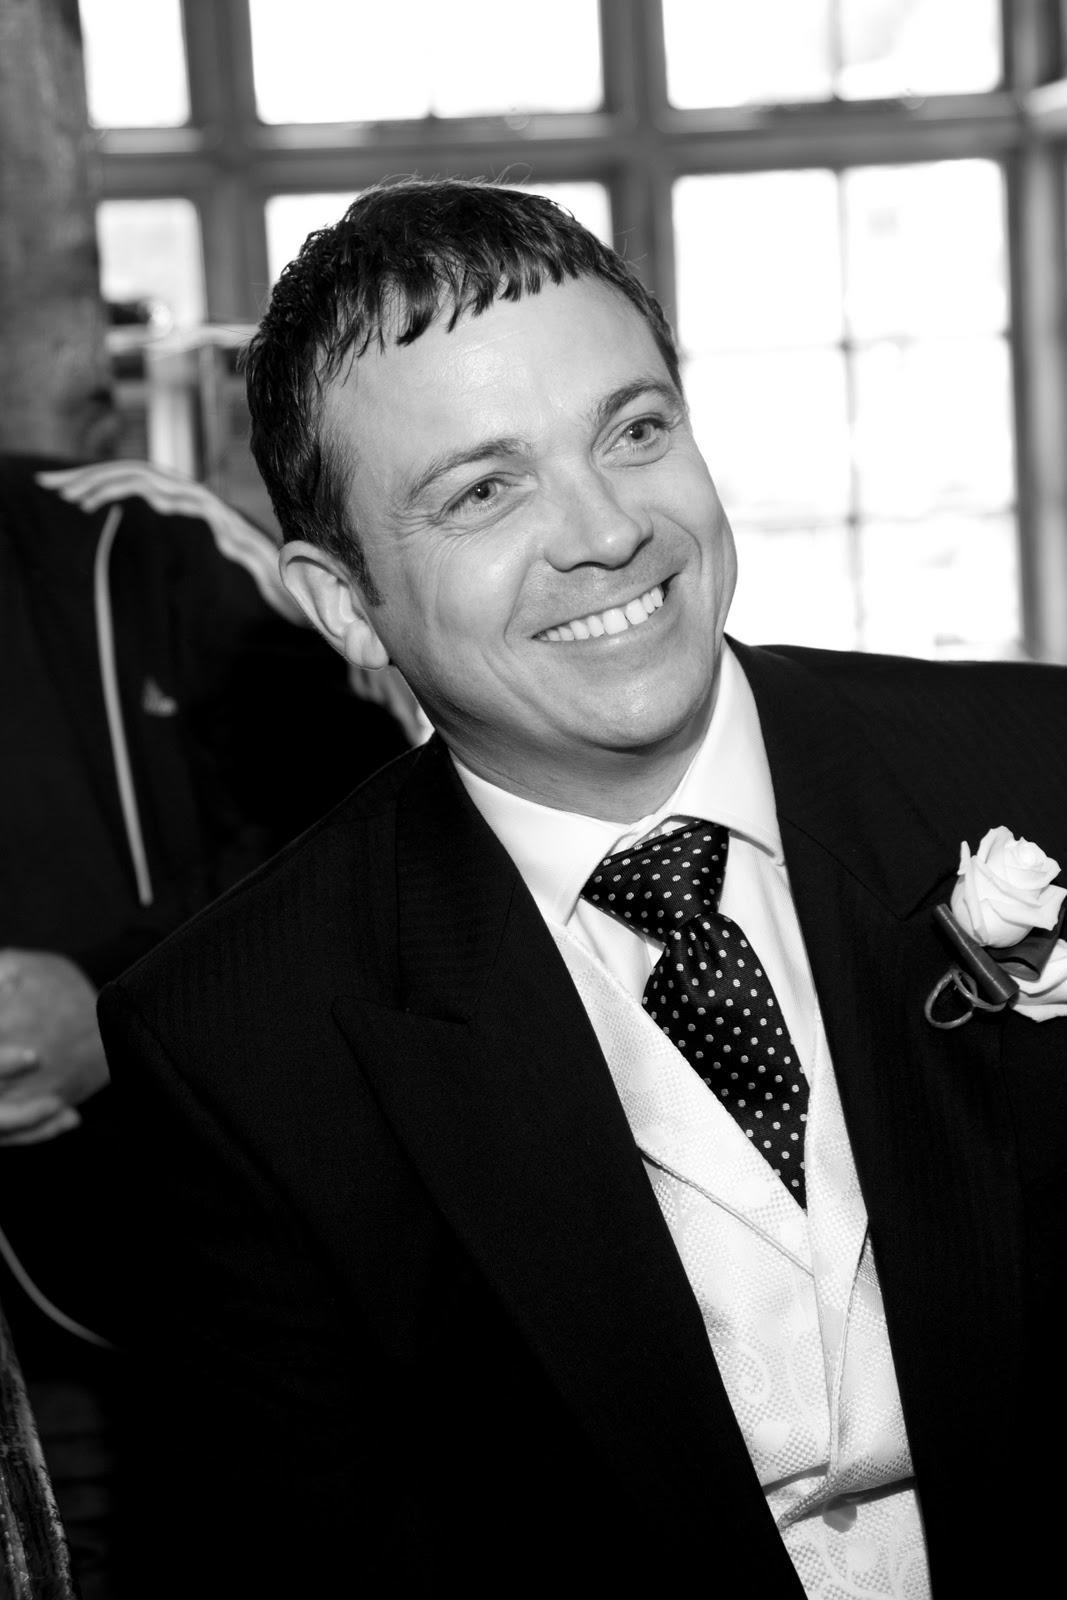 Devon and nick wedding